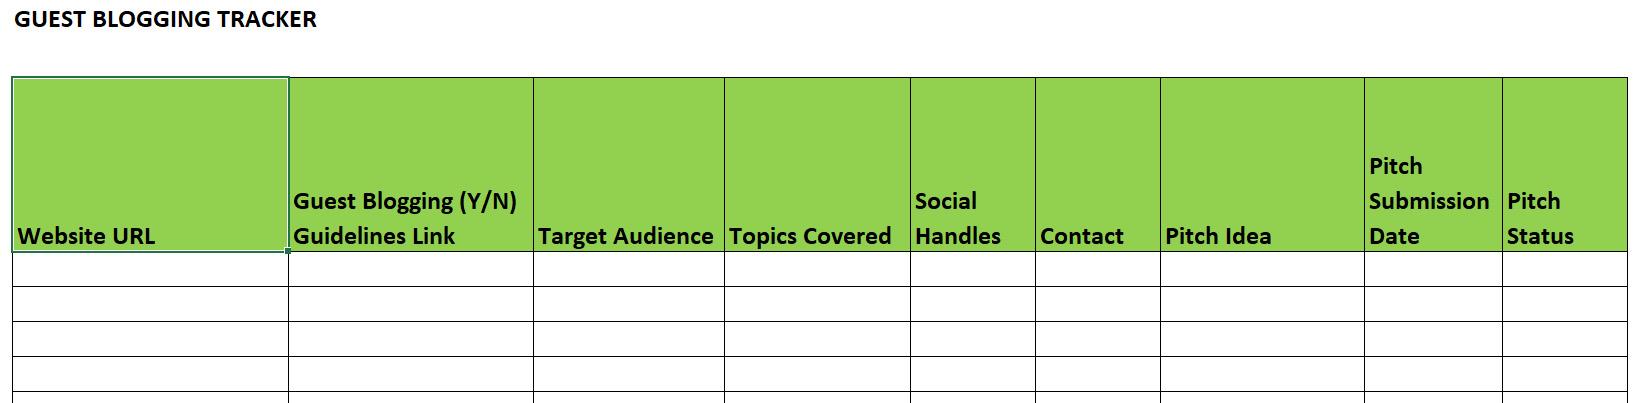 صورة تعرض نموذجًا لمتتبع مدونة ضيف.  يعرض النموذج أعمدة لعنوان URL لموقع الويب ، ورابط إرشادات التدوين الخاص بالضيف ، والجمهور المستهدف ، والموضوعات التي تمت تغطيتها ، والمقابض الاجتماعية ، والاتصال ، وأفكار العرض ، وتاريخ تقديم العرض التقديمي ، وحالة العرض.